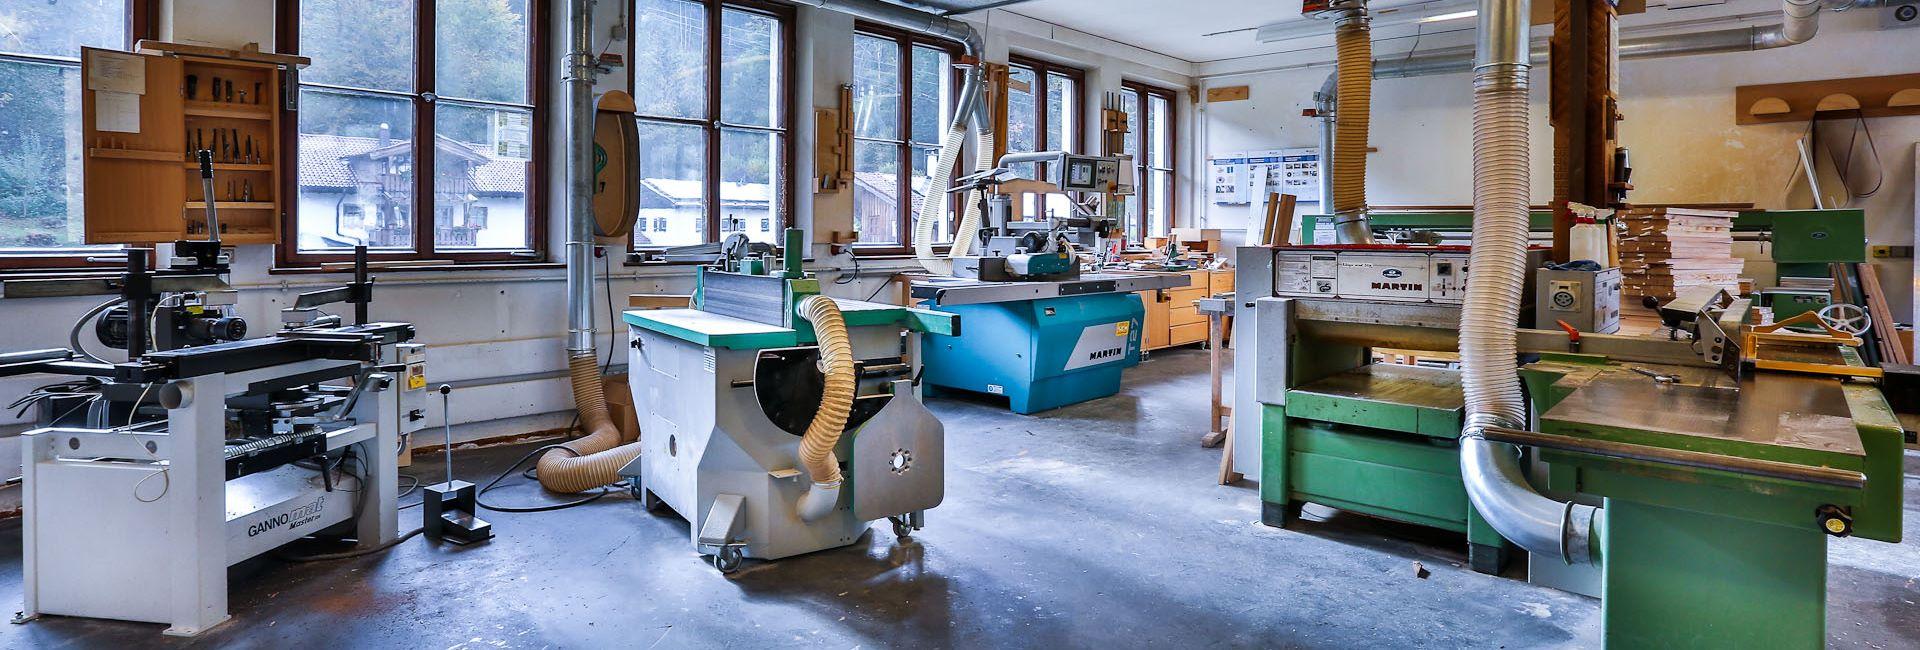 Berufsfachschule für Holzschnitzerei bzw. Bildhauerei in Berchtesgaden - Schnitzschule Berchtesgaden